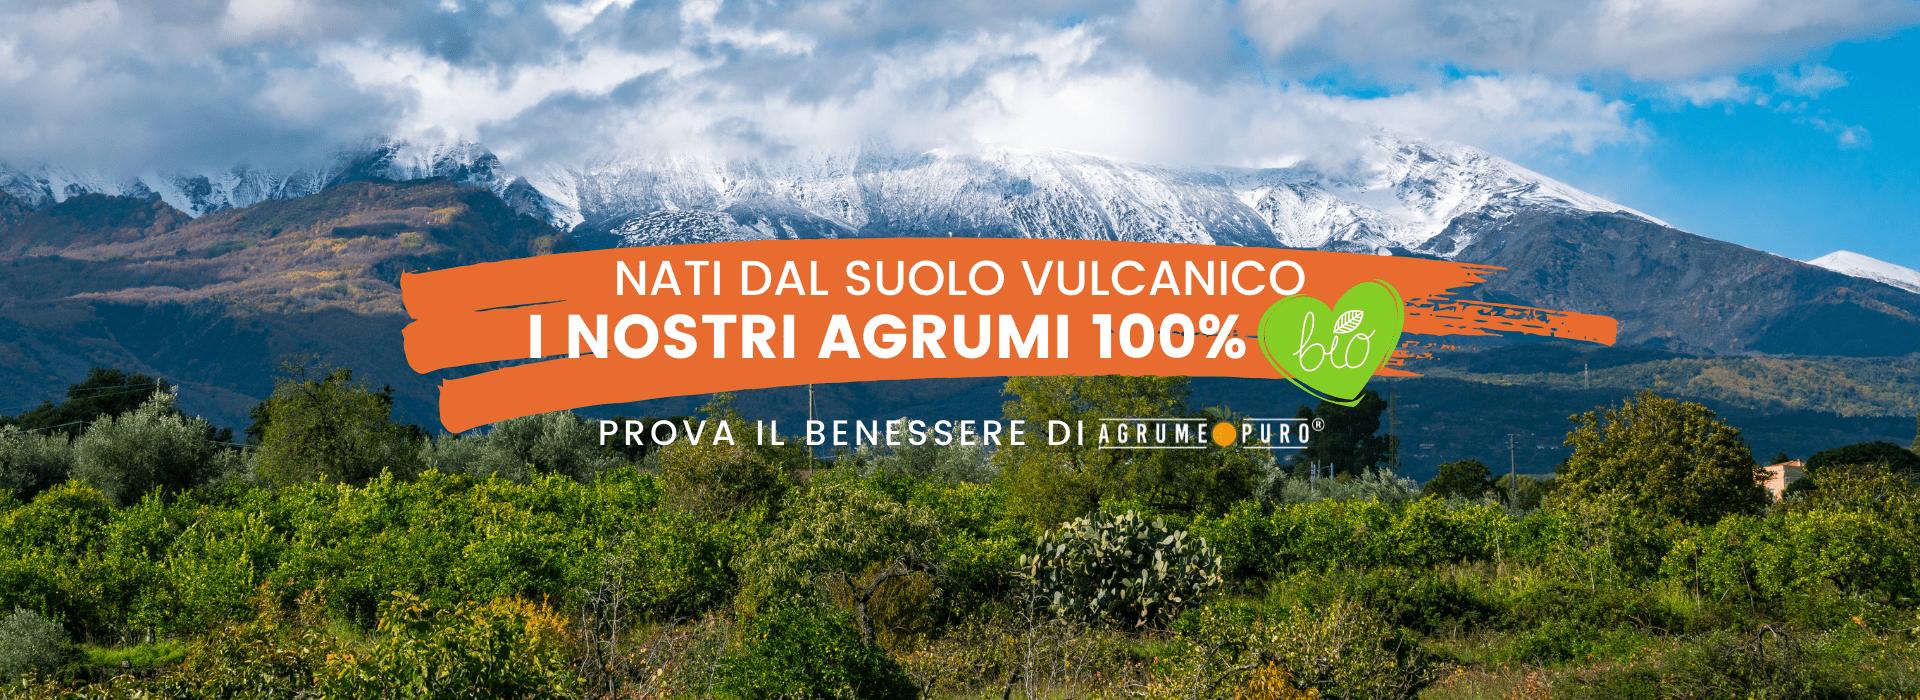 Agrumi biologici siciliani